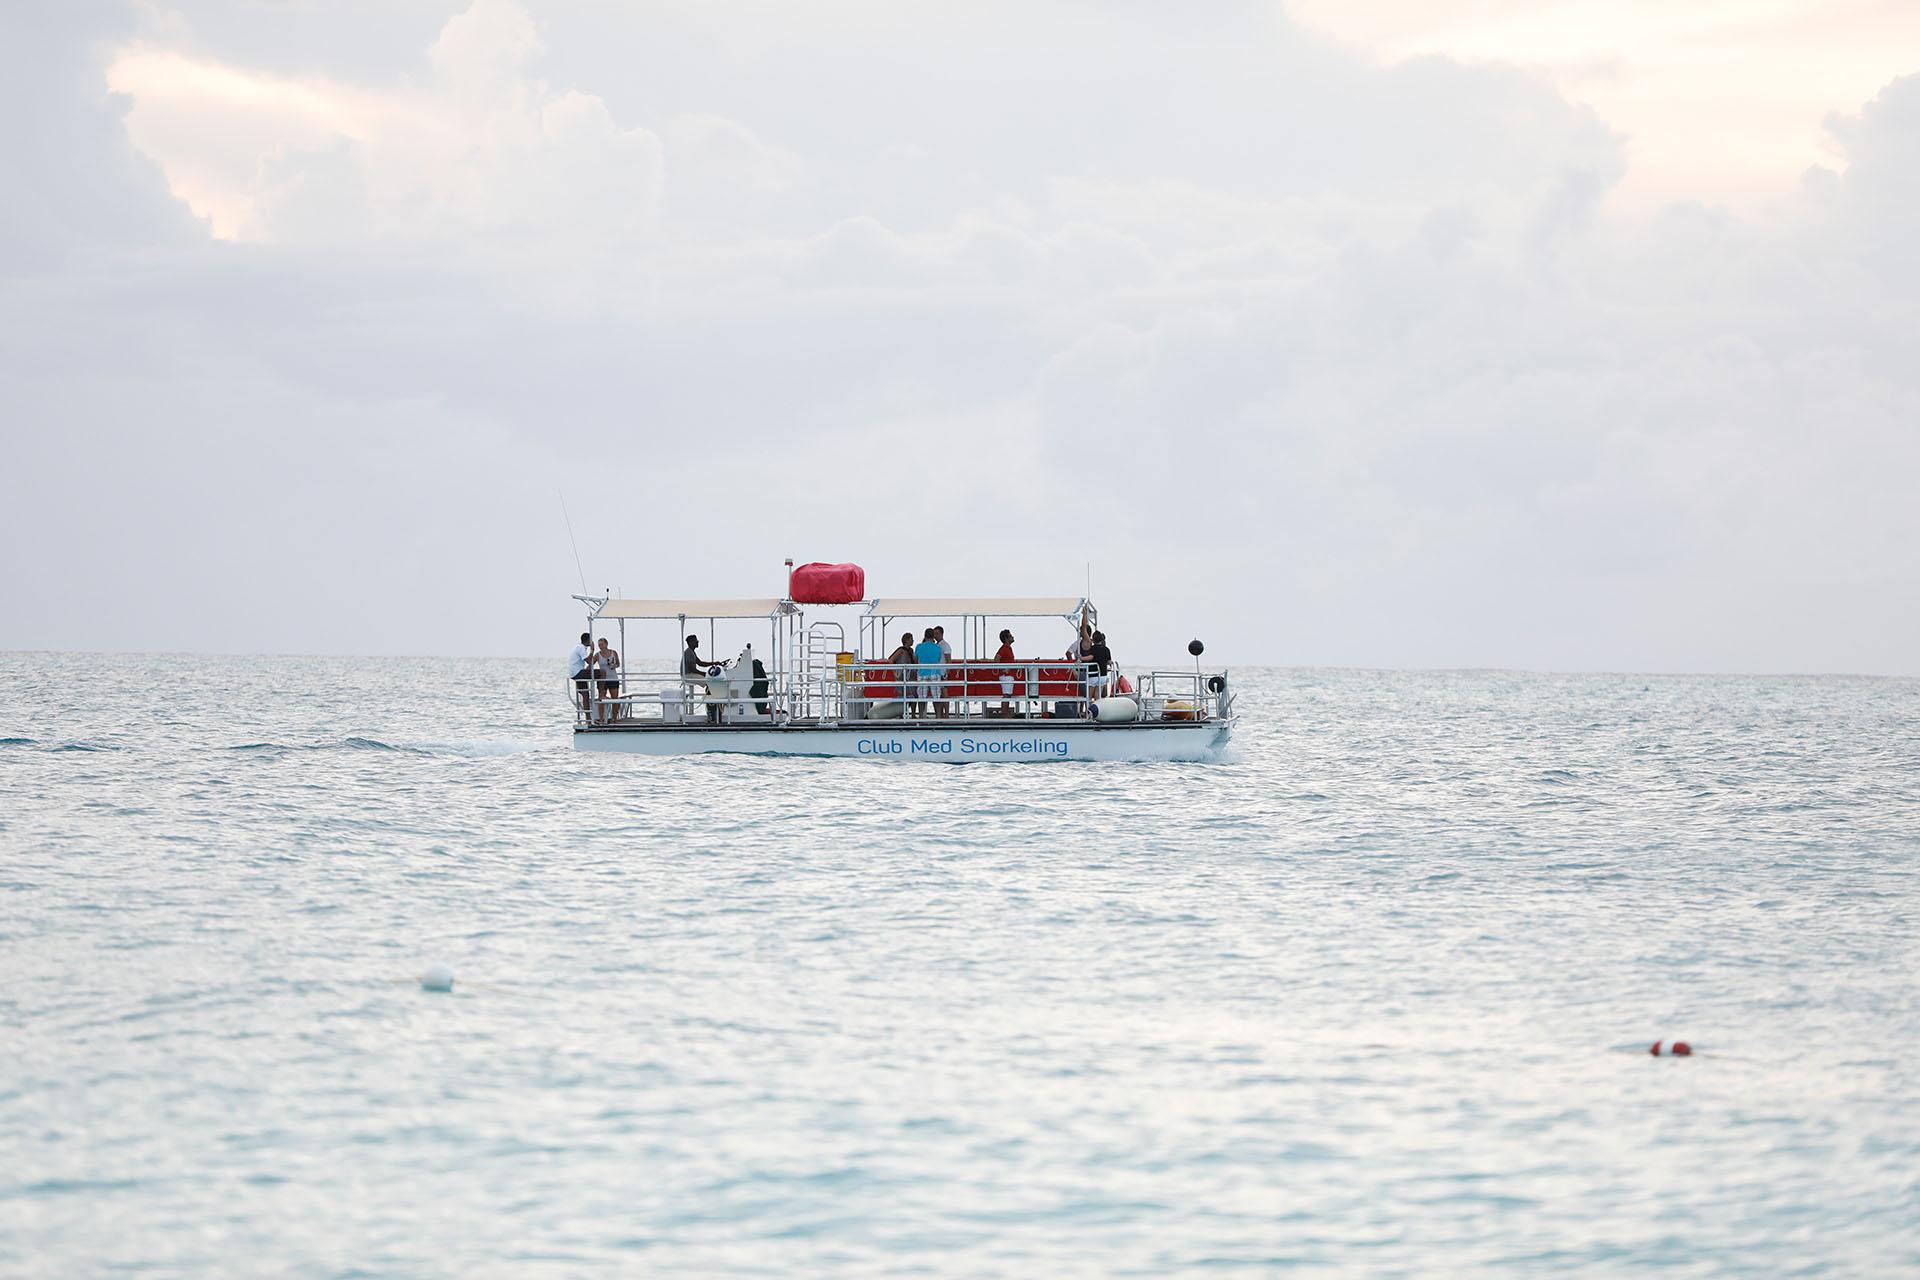 Una de las actividades preferidas de los visitantes es el snorkeling, siendo uno de los mayores atractivos turísticos de las Islas